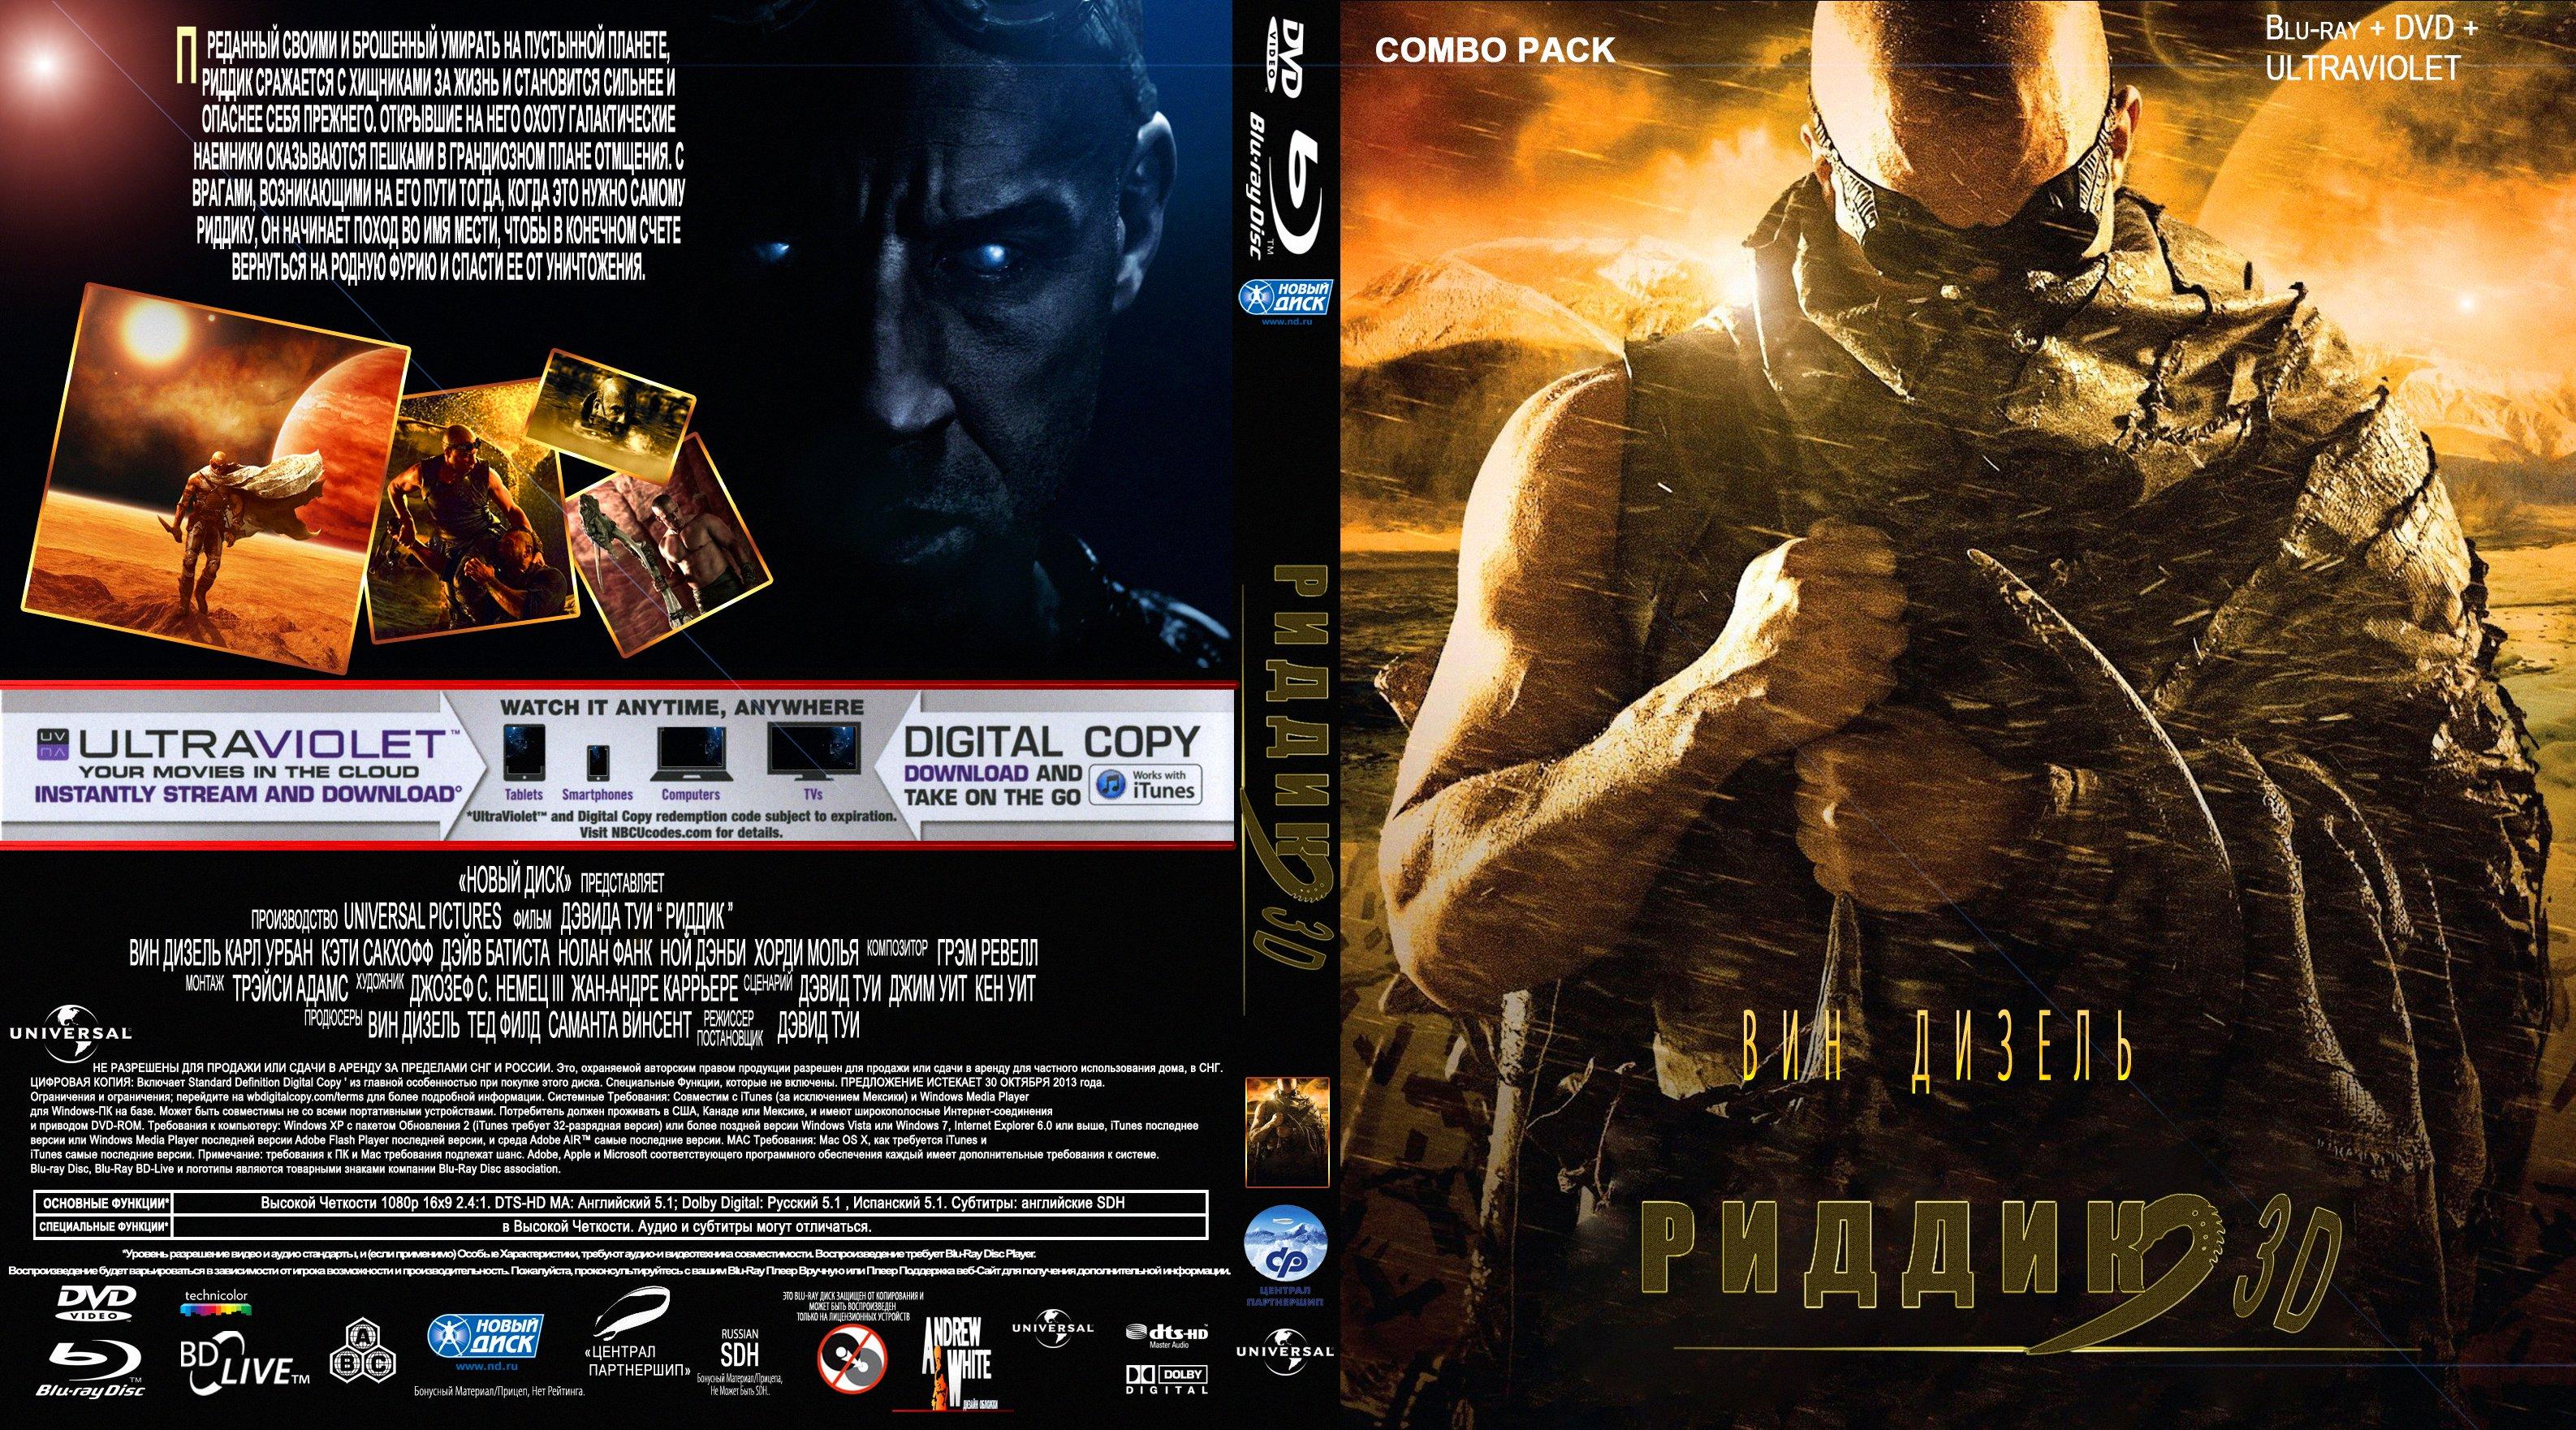 Кто ждёт Riddick 3D? - Обложка отличная, а вот что будет с фильмом пока не ясно!, Будем ждать.. - Изображение 1